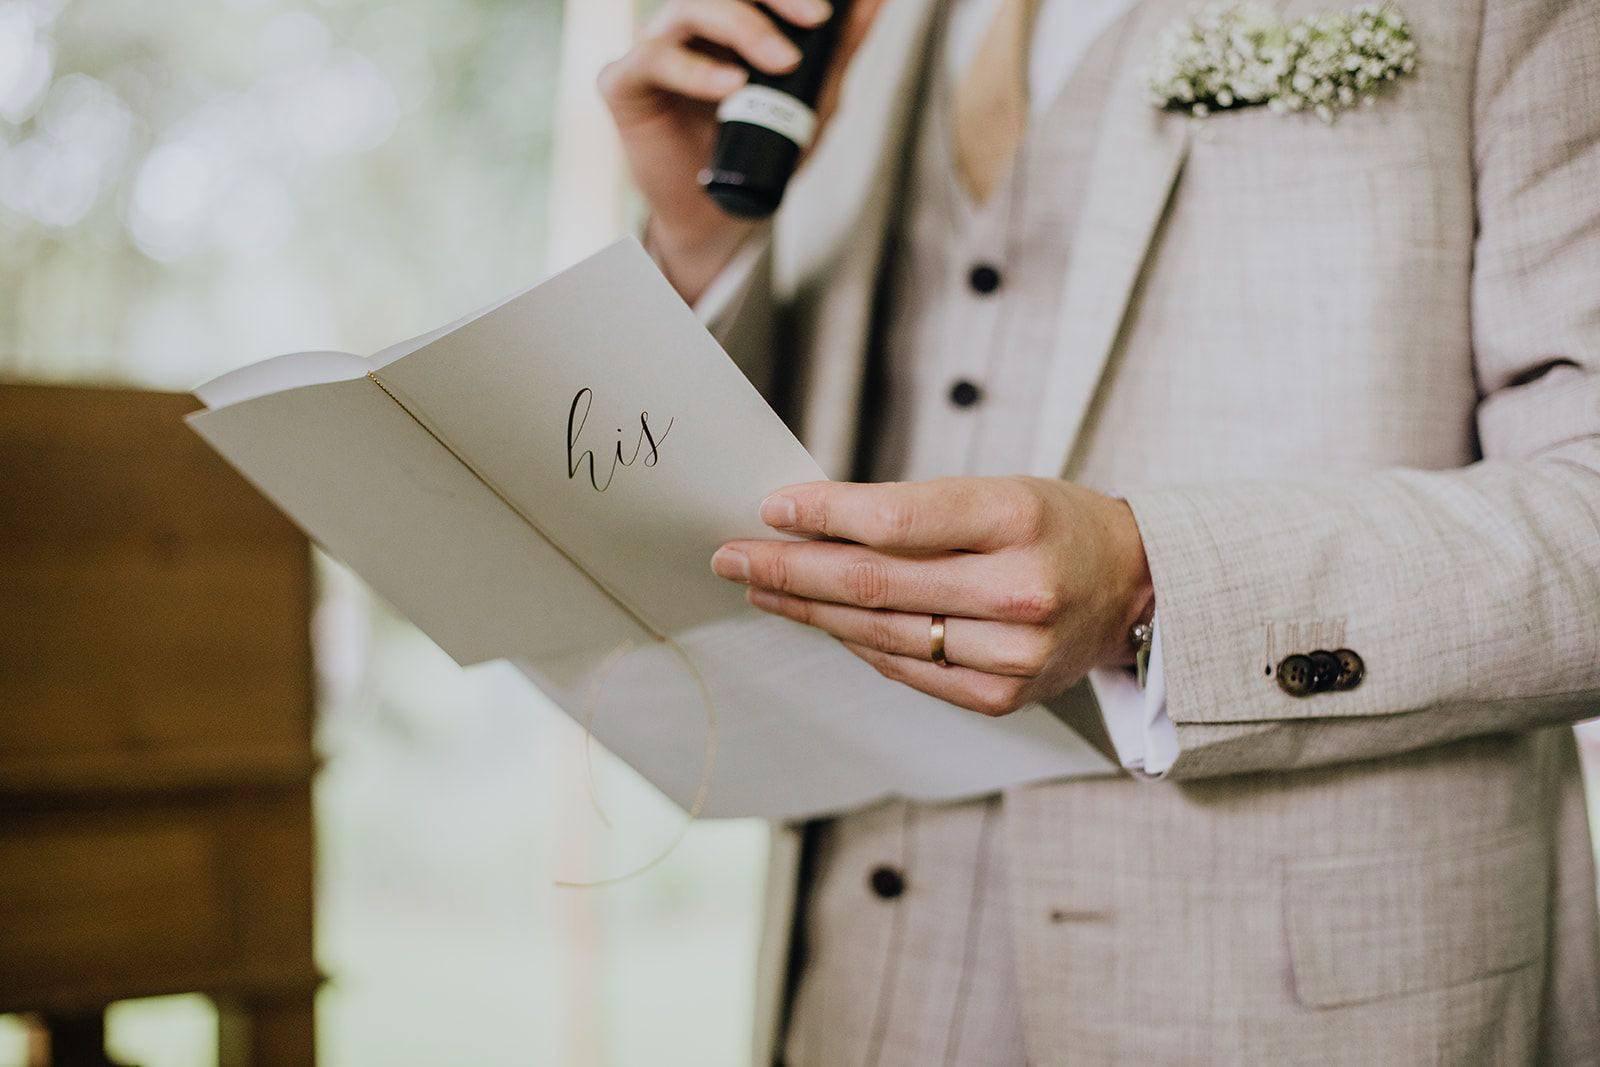 Event'L Ceremonie - Fotograaf Lux Visual Storytellers - House of Weddings 7